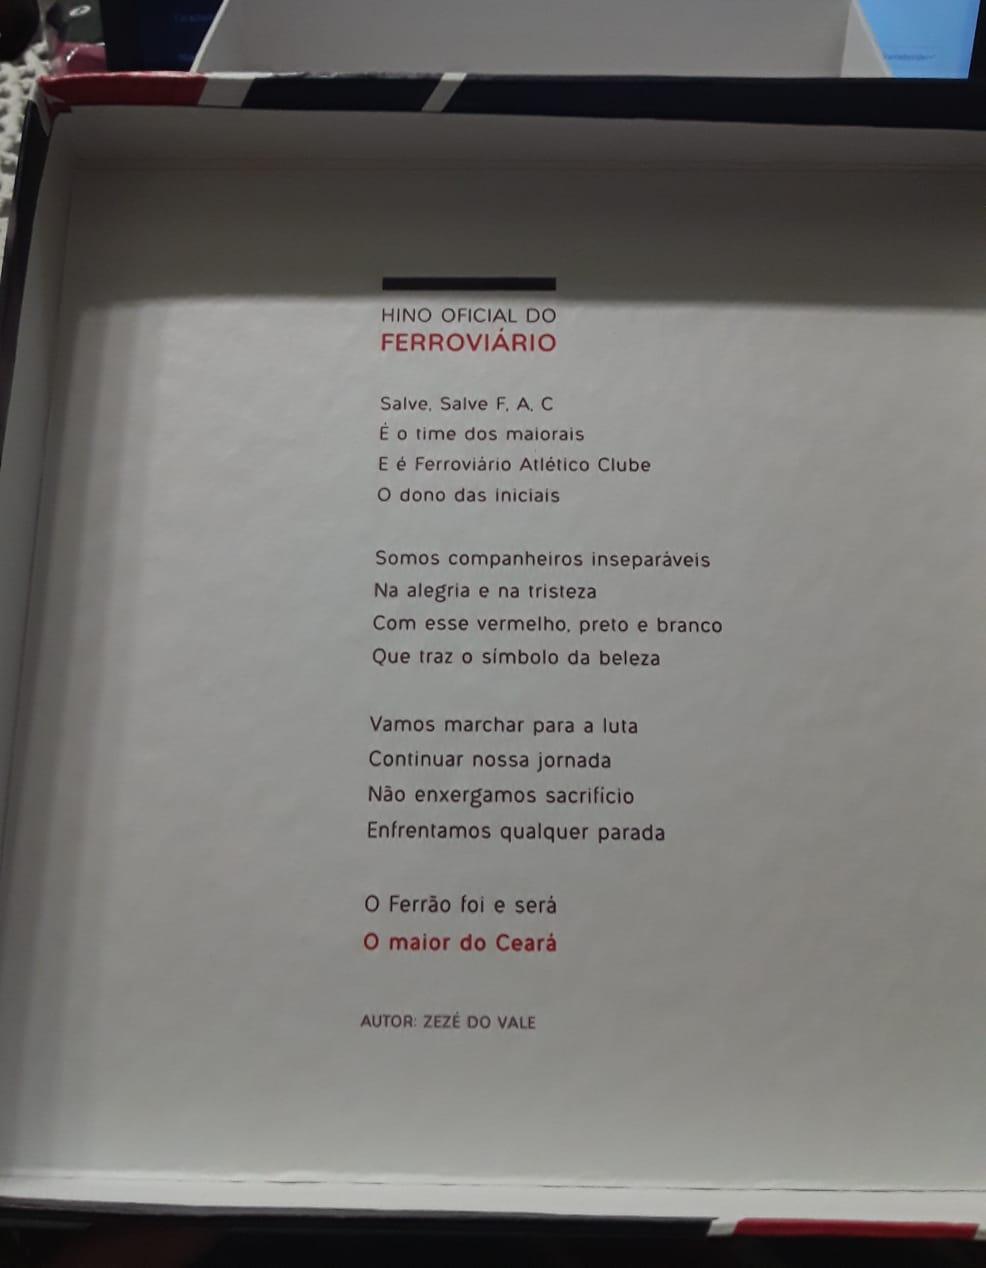 Kit dos pais (bermuda + boné + caixa)